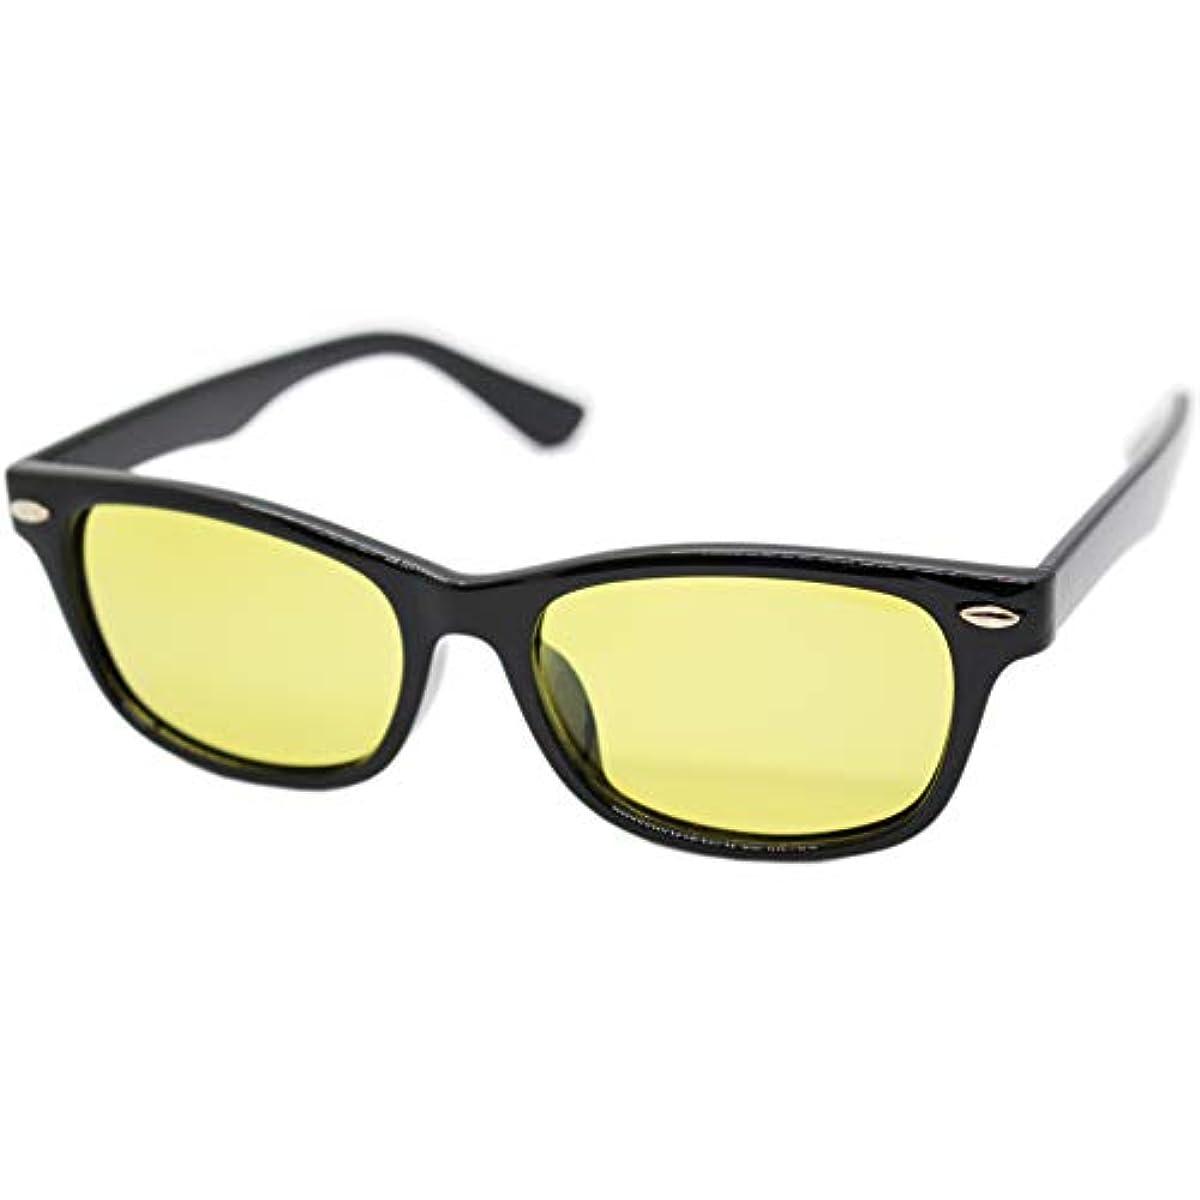 [해외] 에이트eight 도쿄EIGHT TOKYO 편광 기능 라이트 컬러 경량 썬글라스 사바에산 TAC UV컷 렌즈 탑재 맨즈/레이디스 겸용